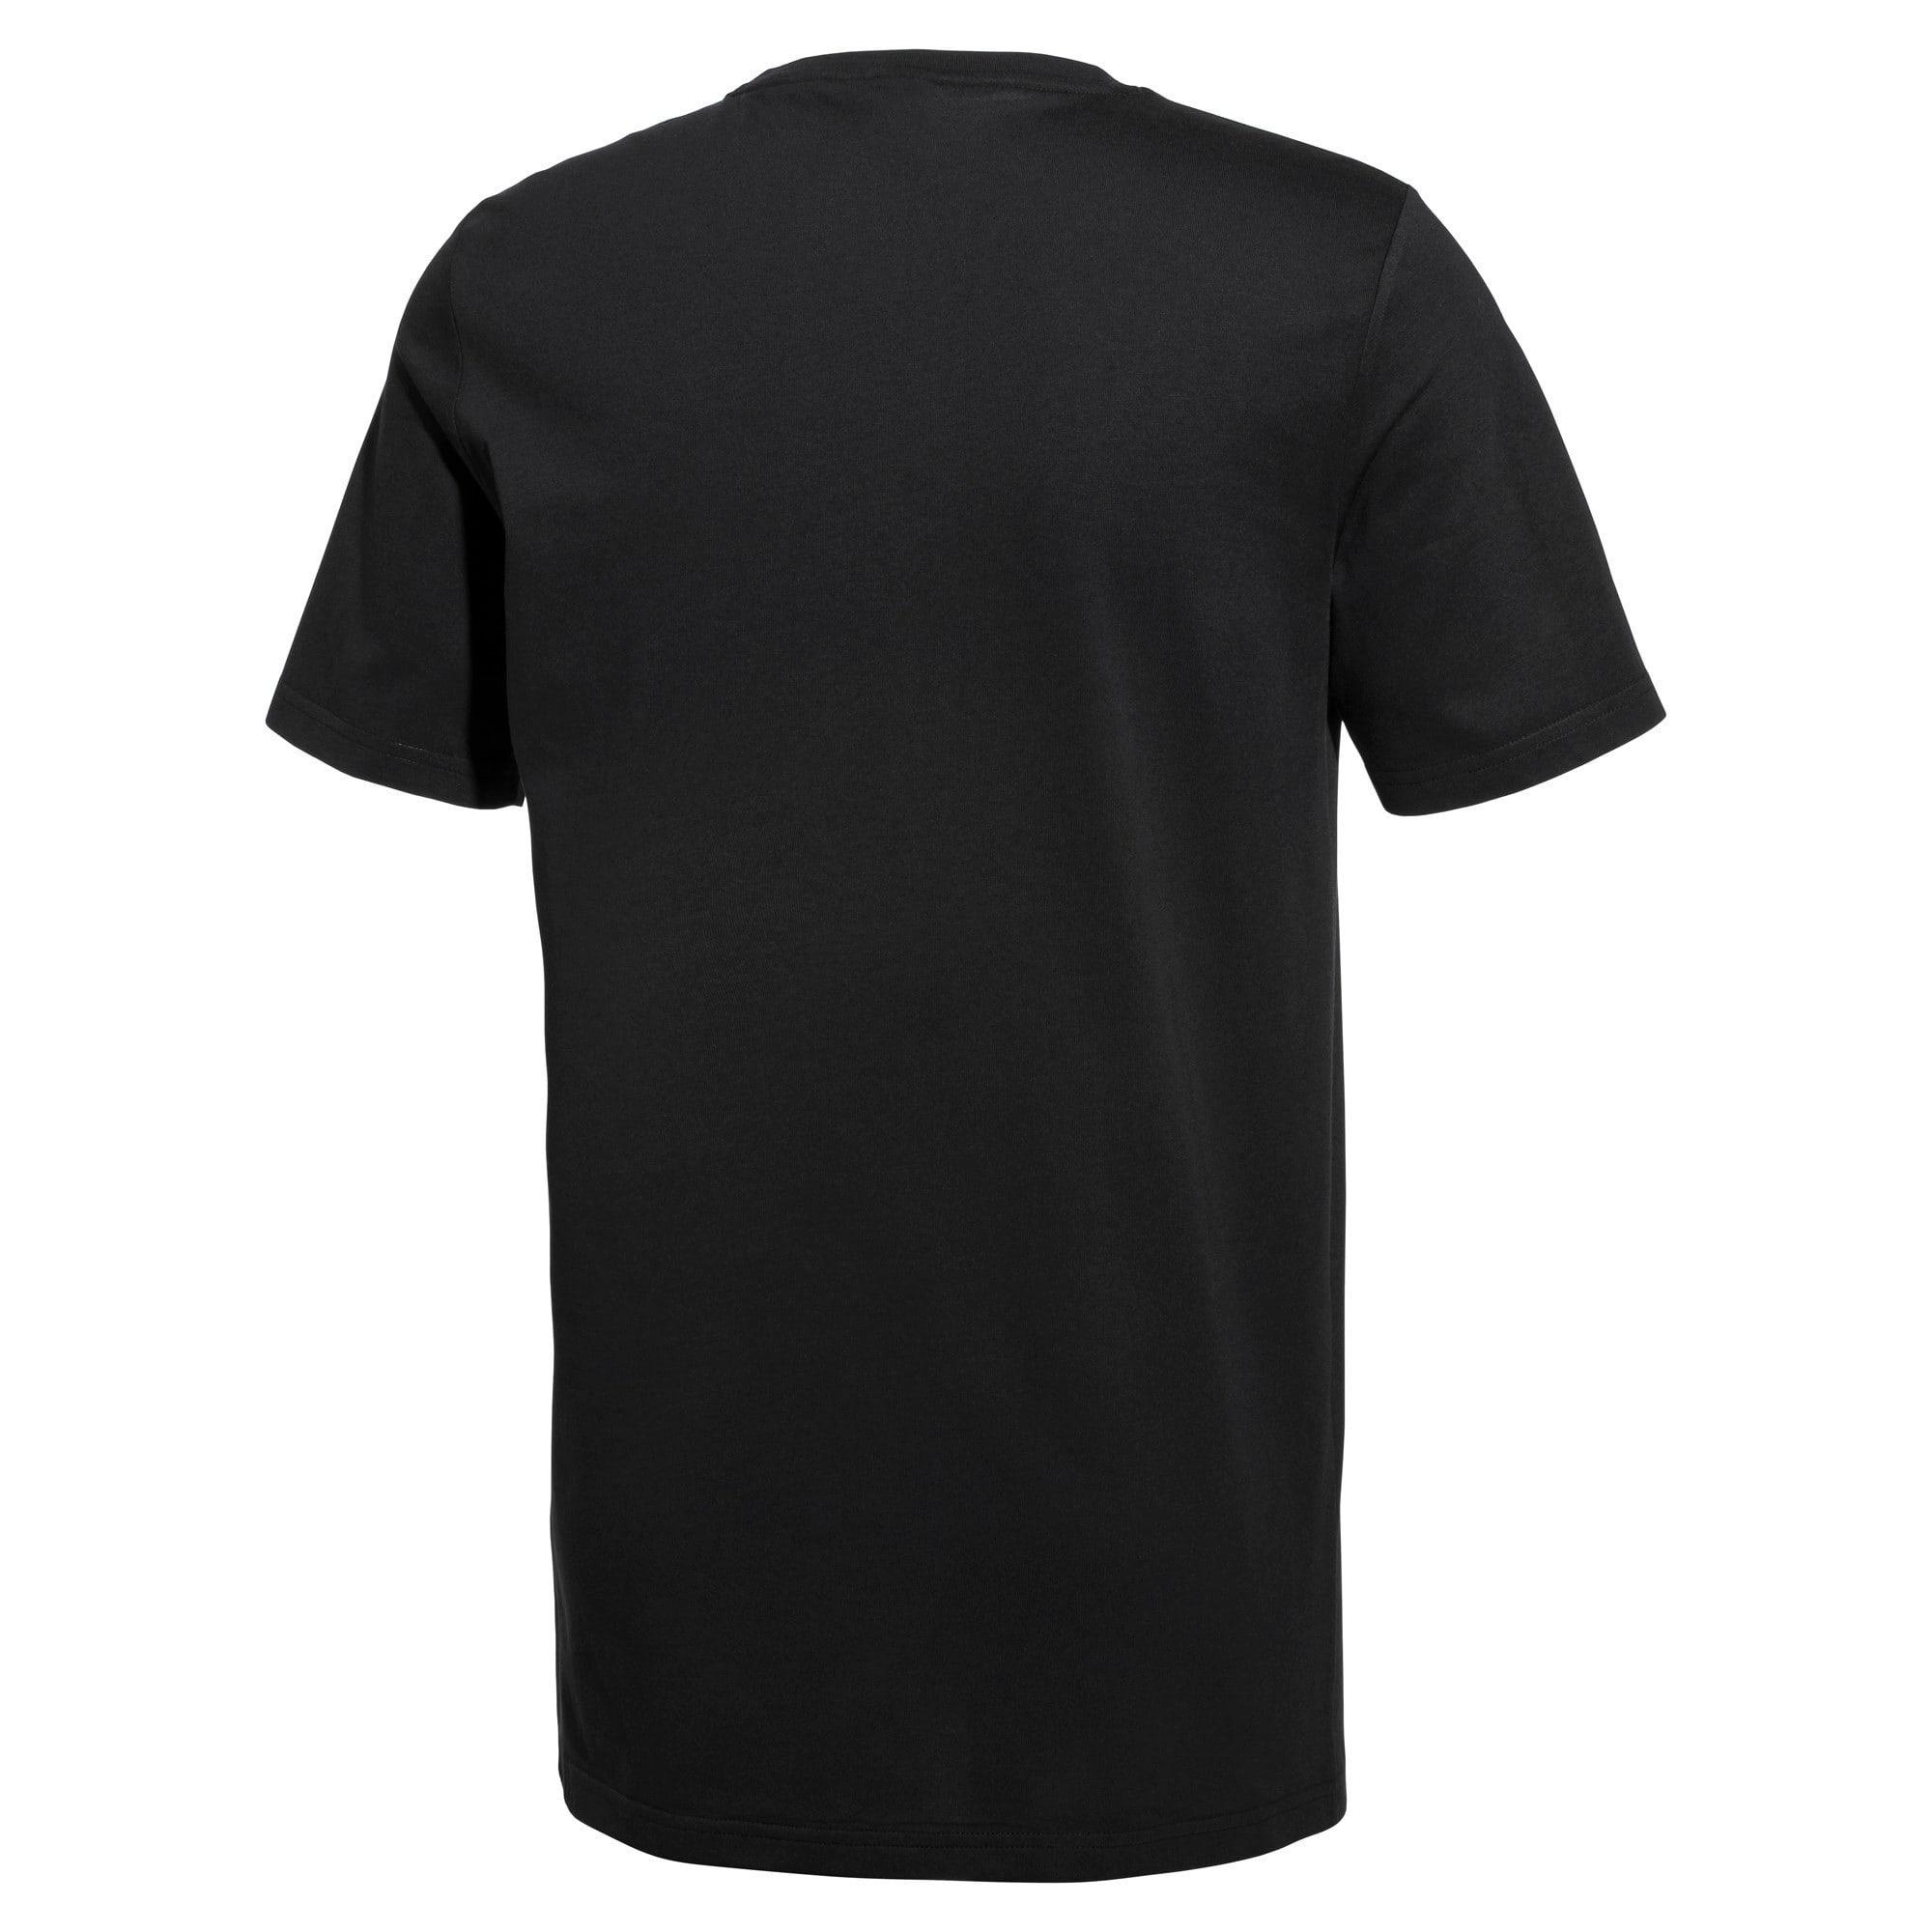 Miniatura 2 de Camiseta PUMA x MTV para hombre, Puma Black, mediano